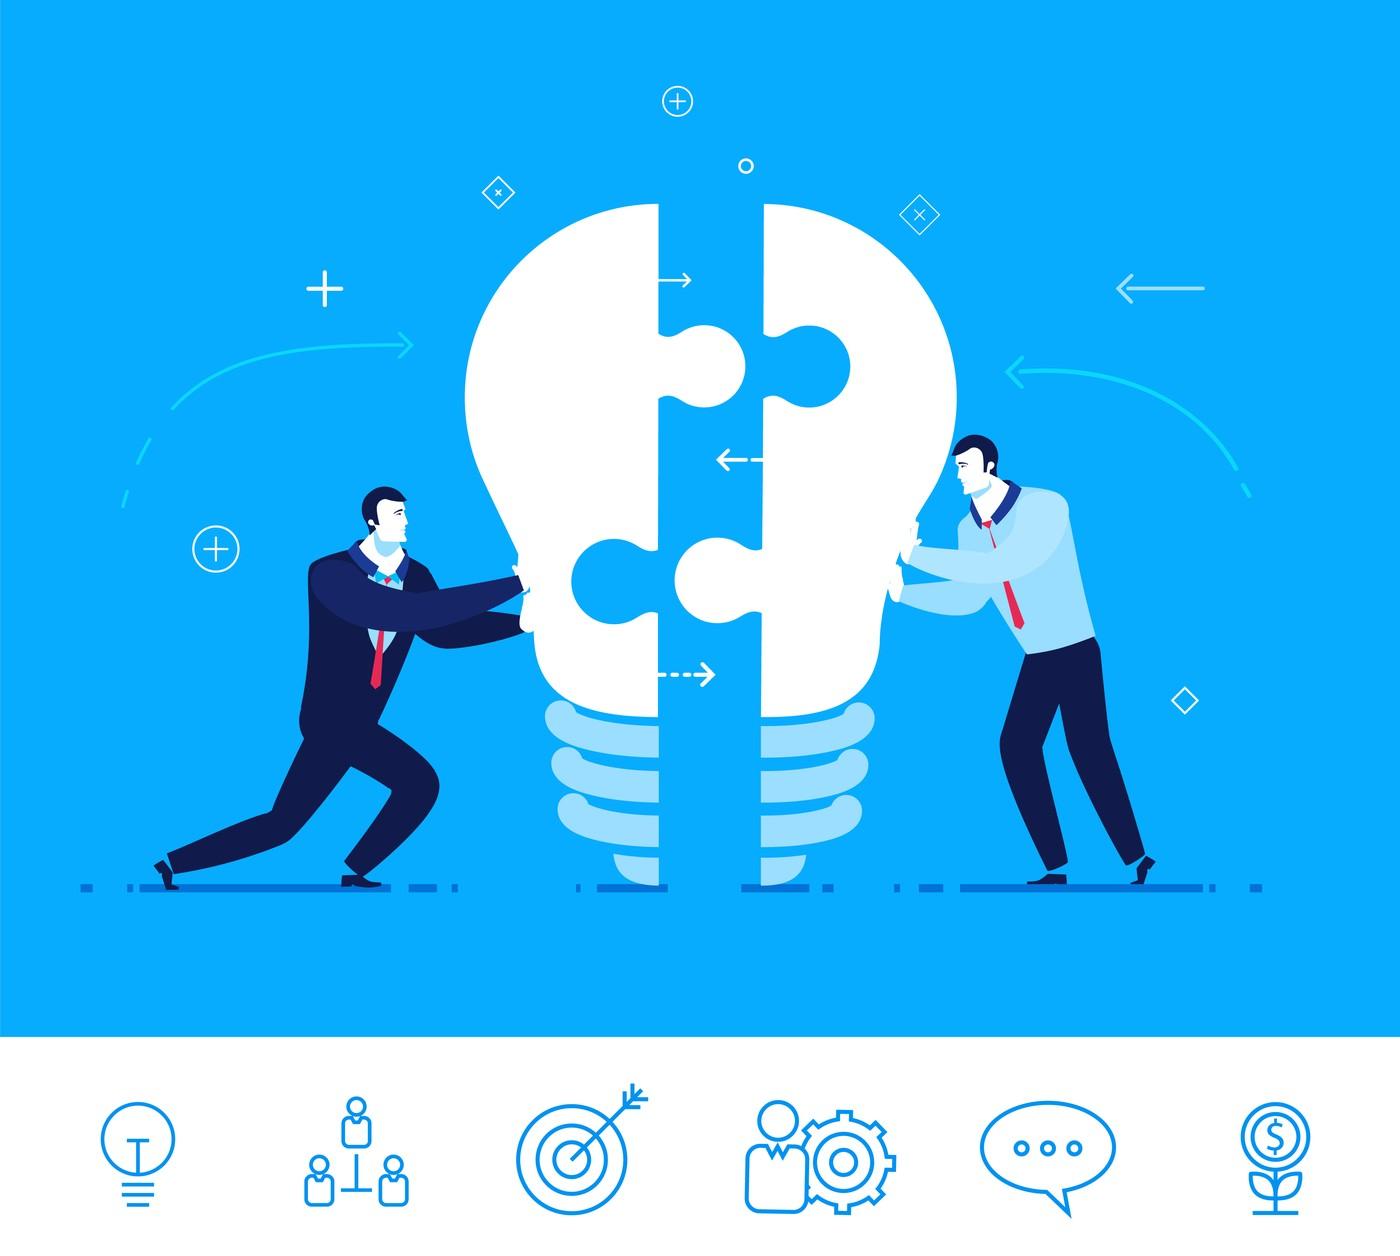 [朱宜振] 放下包袱!企業如何透過新創公司的方法來創新?